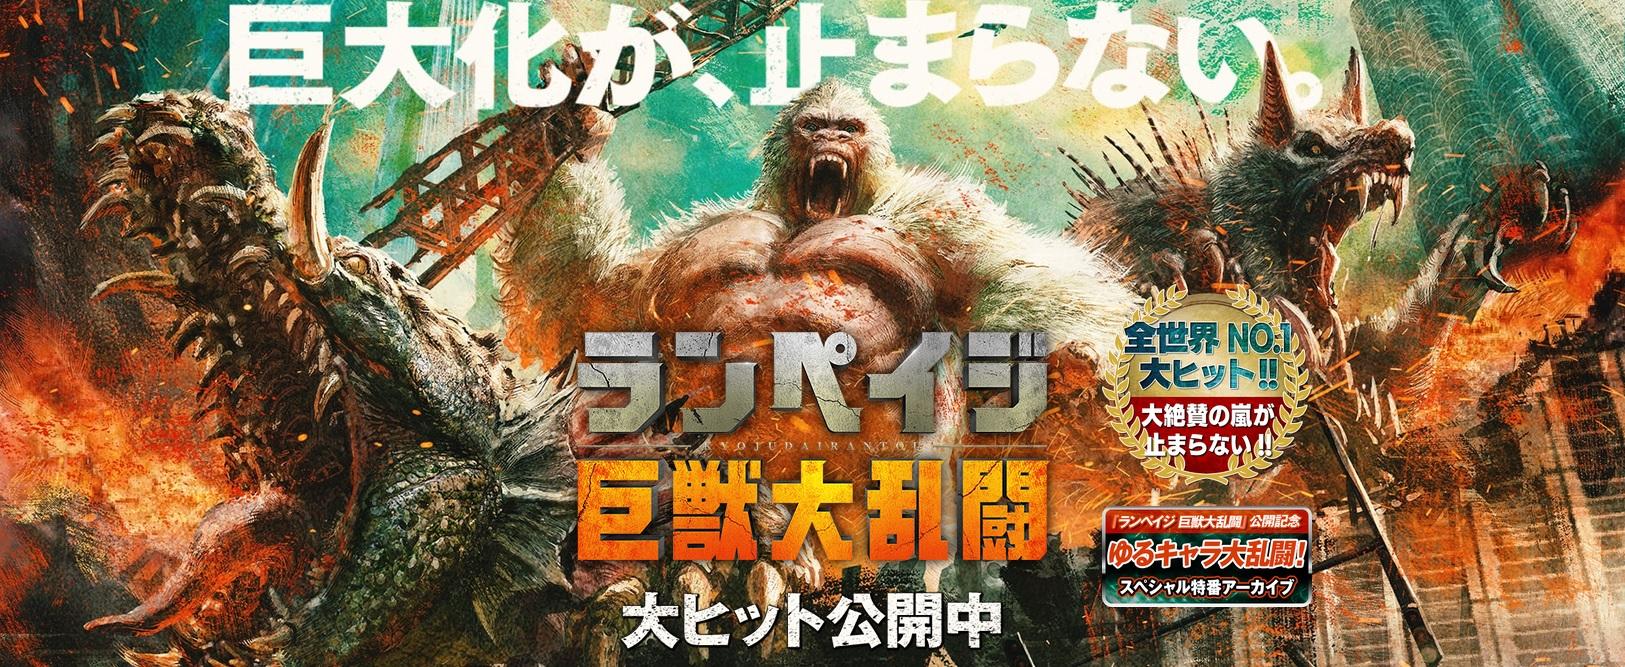 20180520_ランペイジ巨獣大乱闘